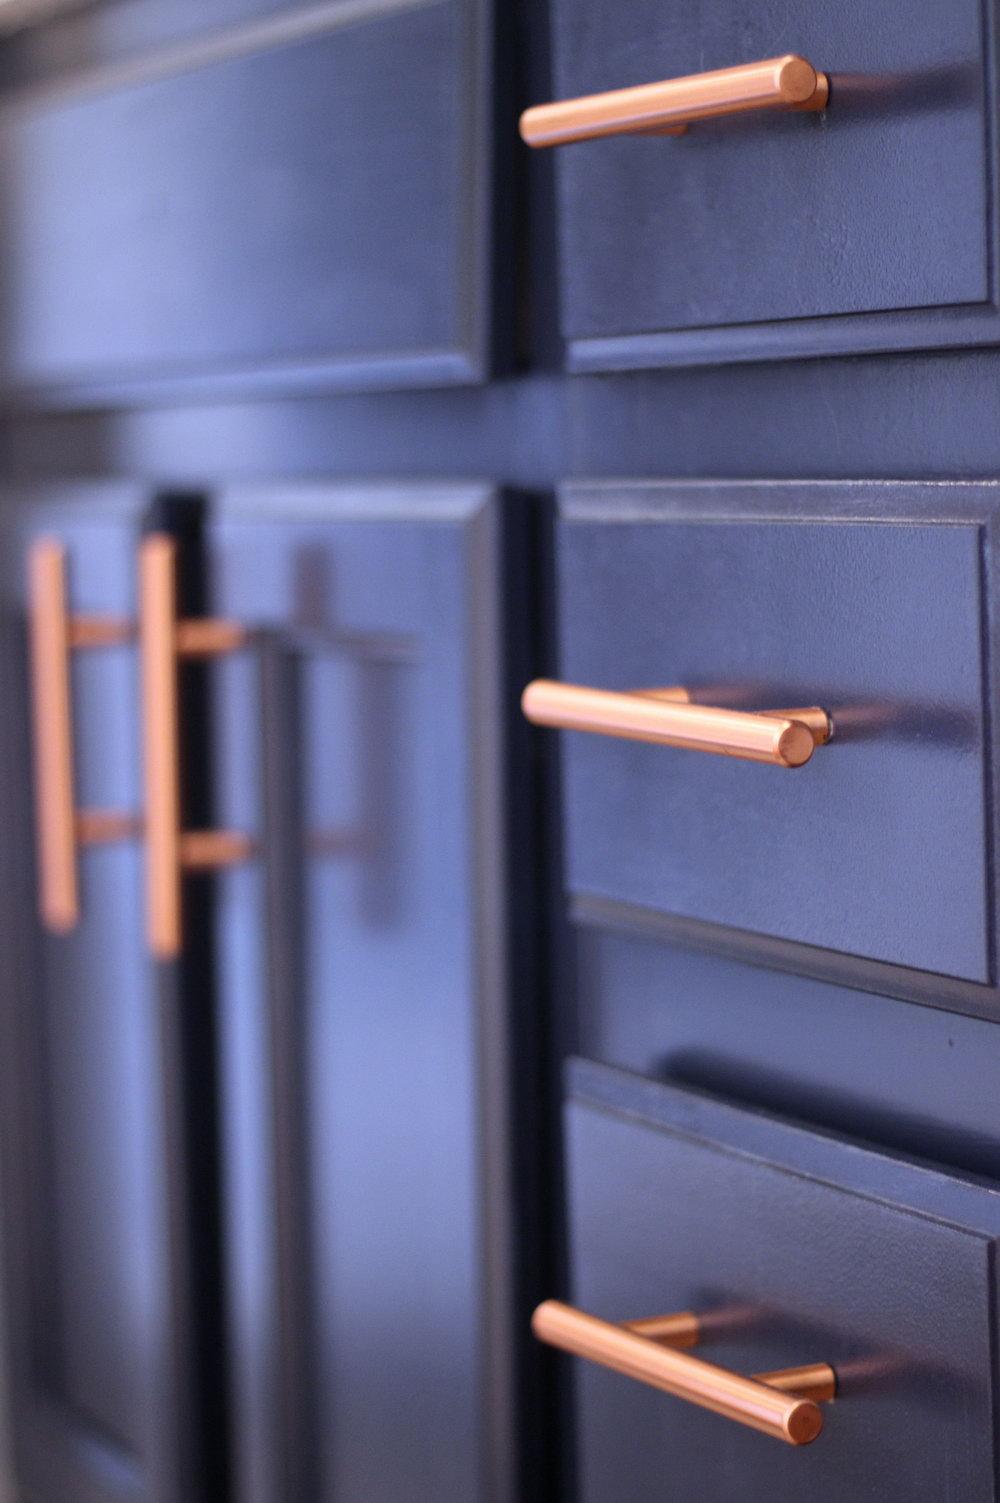 Copper Kitchen Cabinet Hardware Pulls